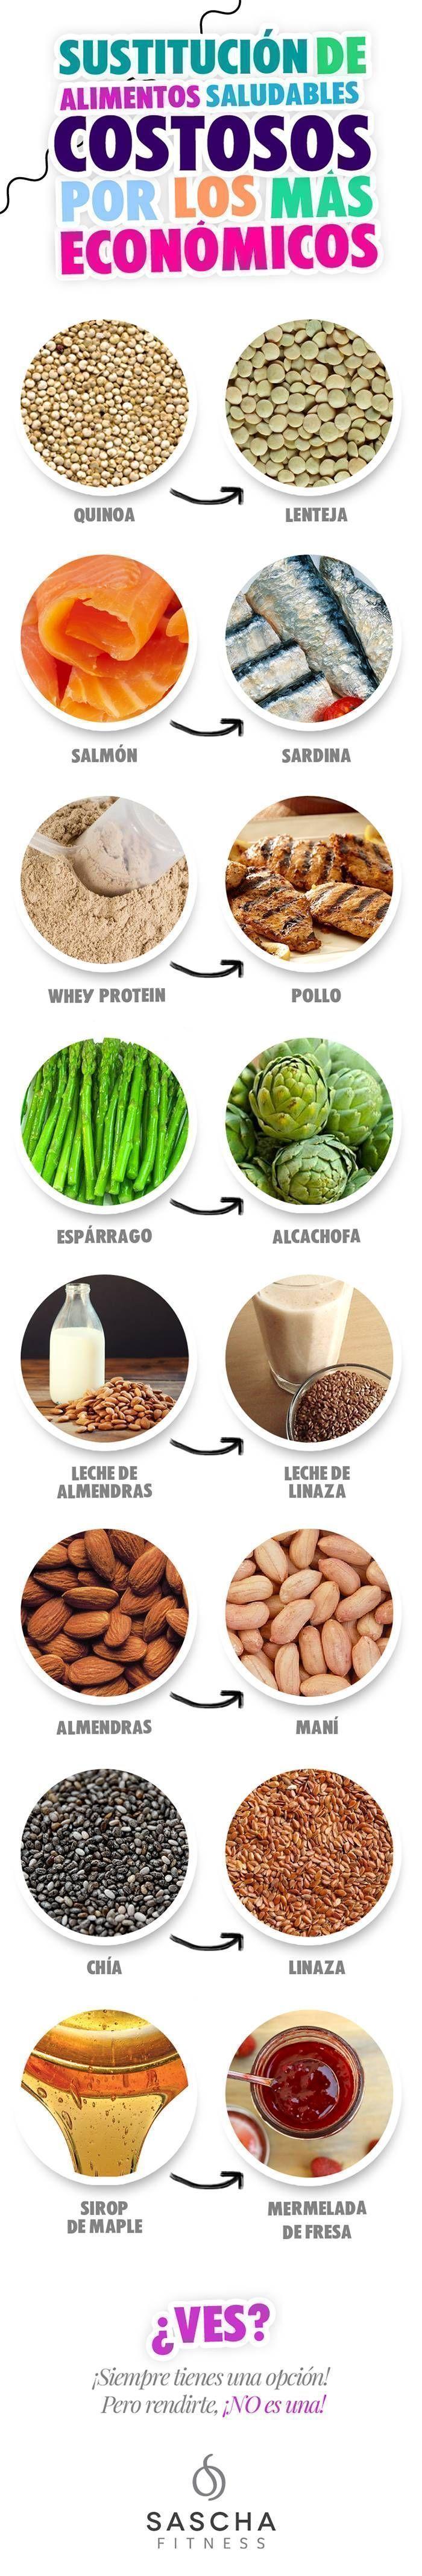 Interesantes sustitutivos para abaratar los costos de una alimentación #saludab...